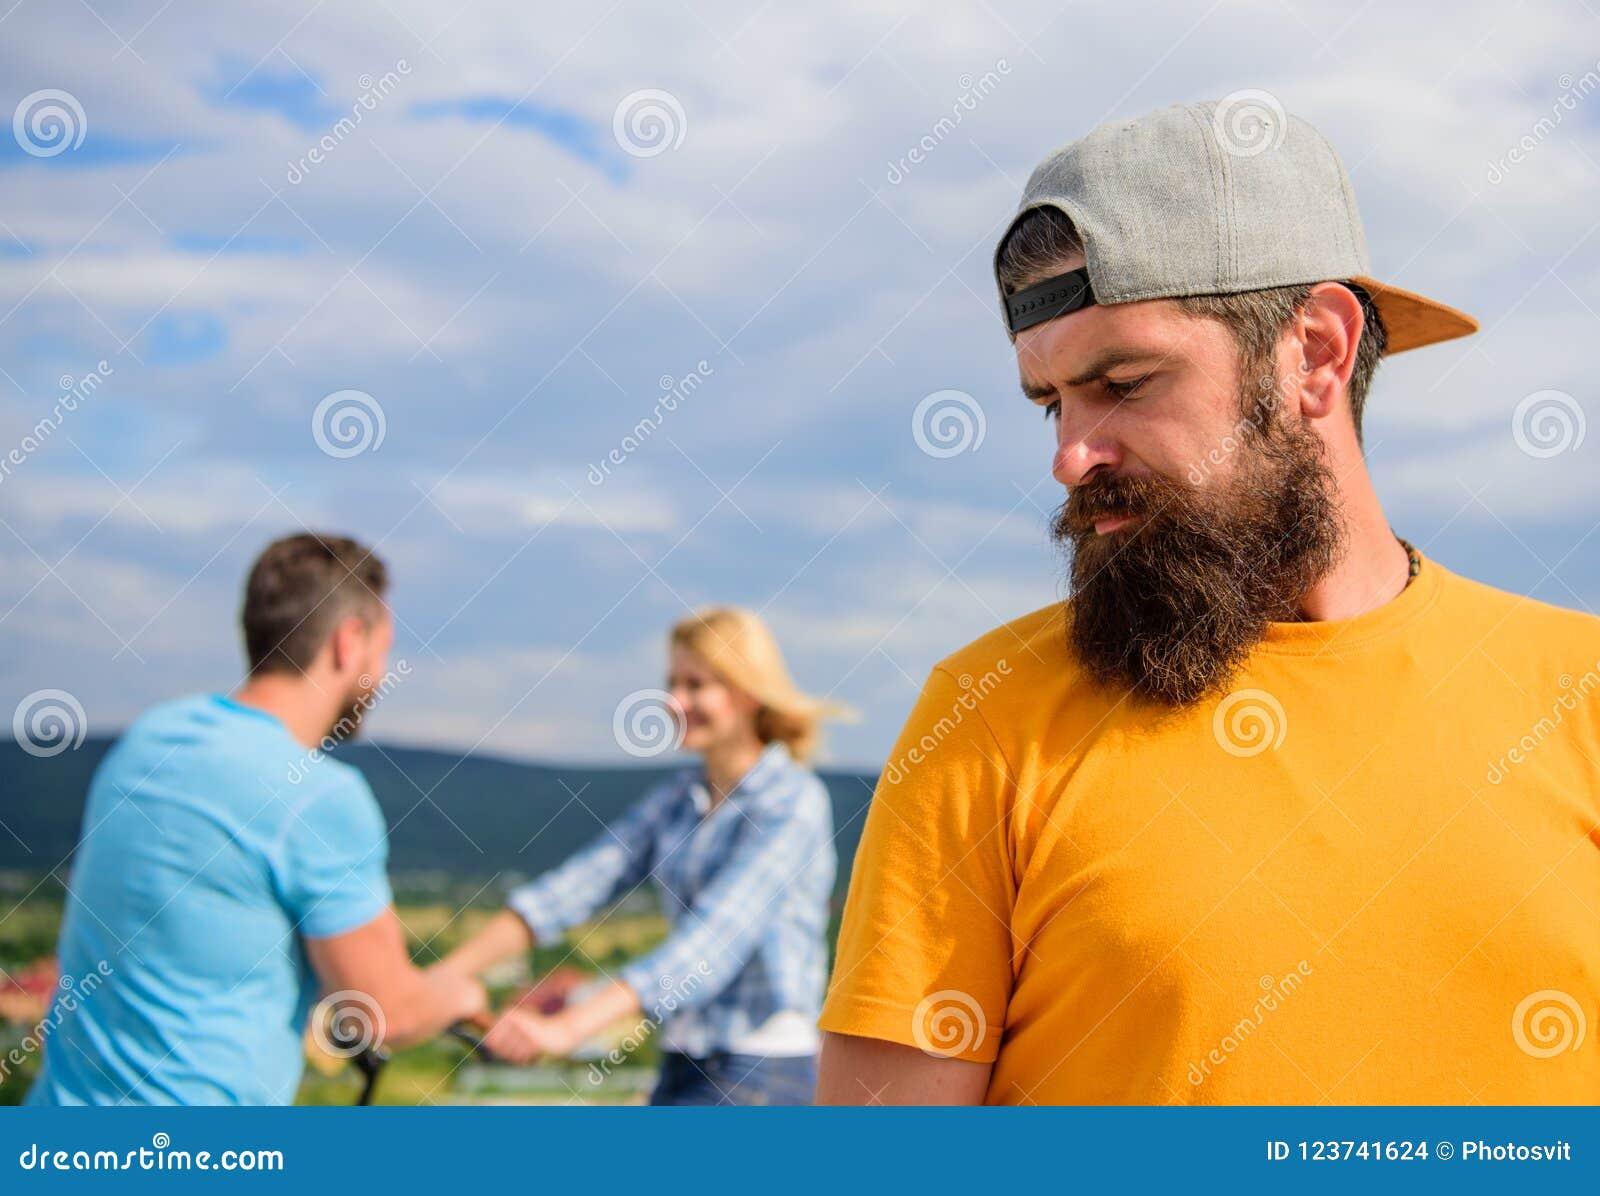 人行家感觉在他后的偏僻的夫妇约会 不幸的浪漫生活 孤独人的成人,当愉快时的朋友